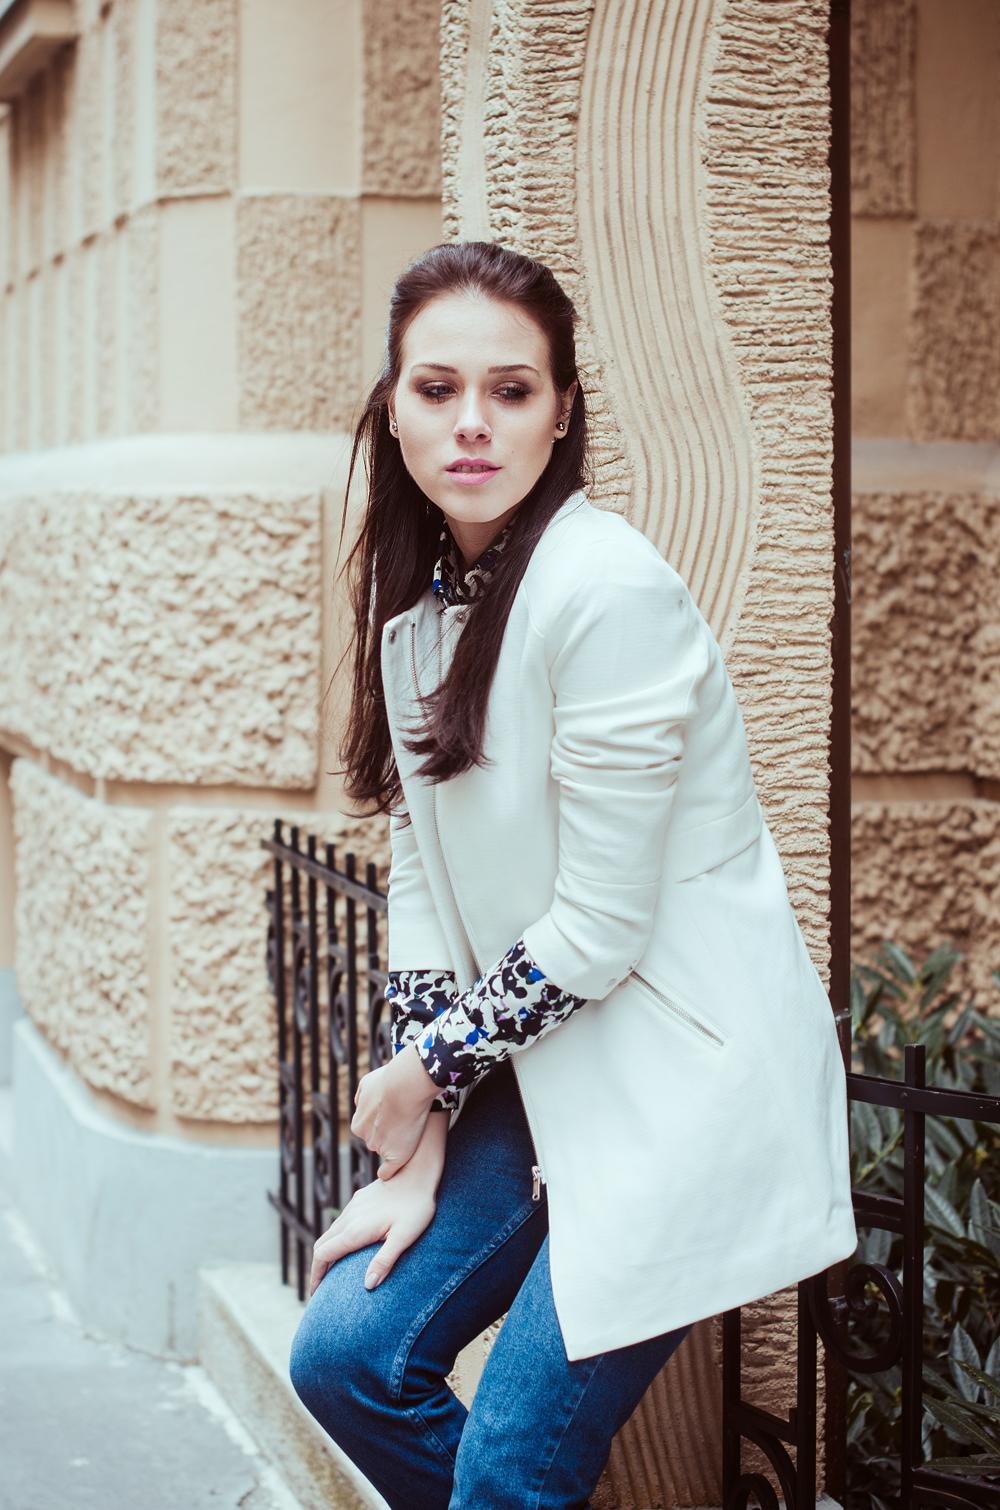 Eva Ahačevčič_Love, Eva_Banana Republic_Mom's jeans_OOTD 11